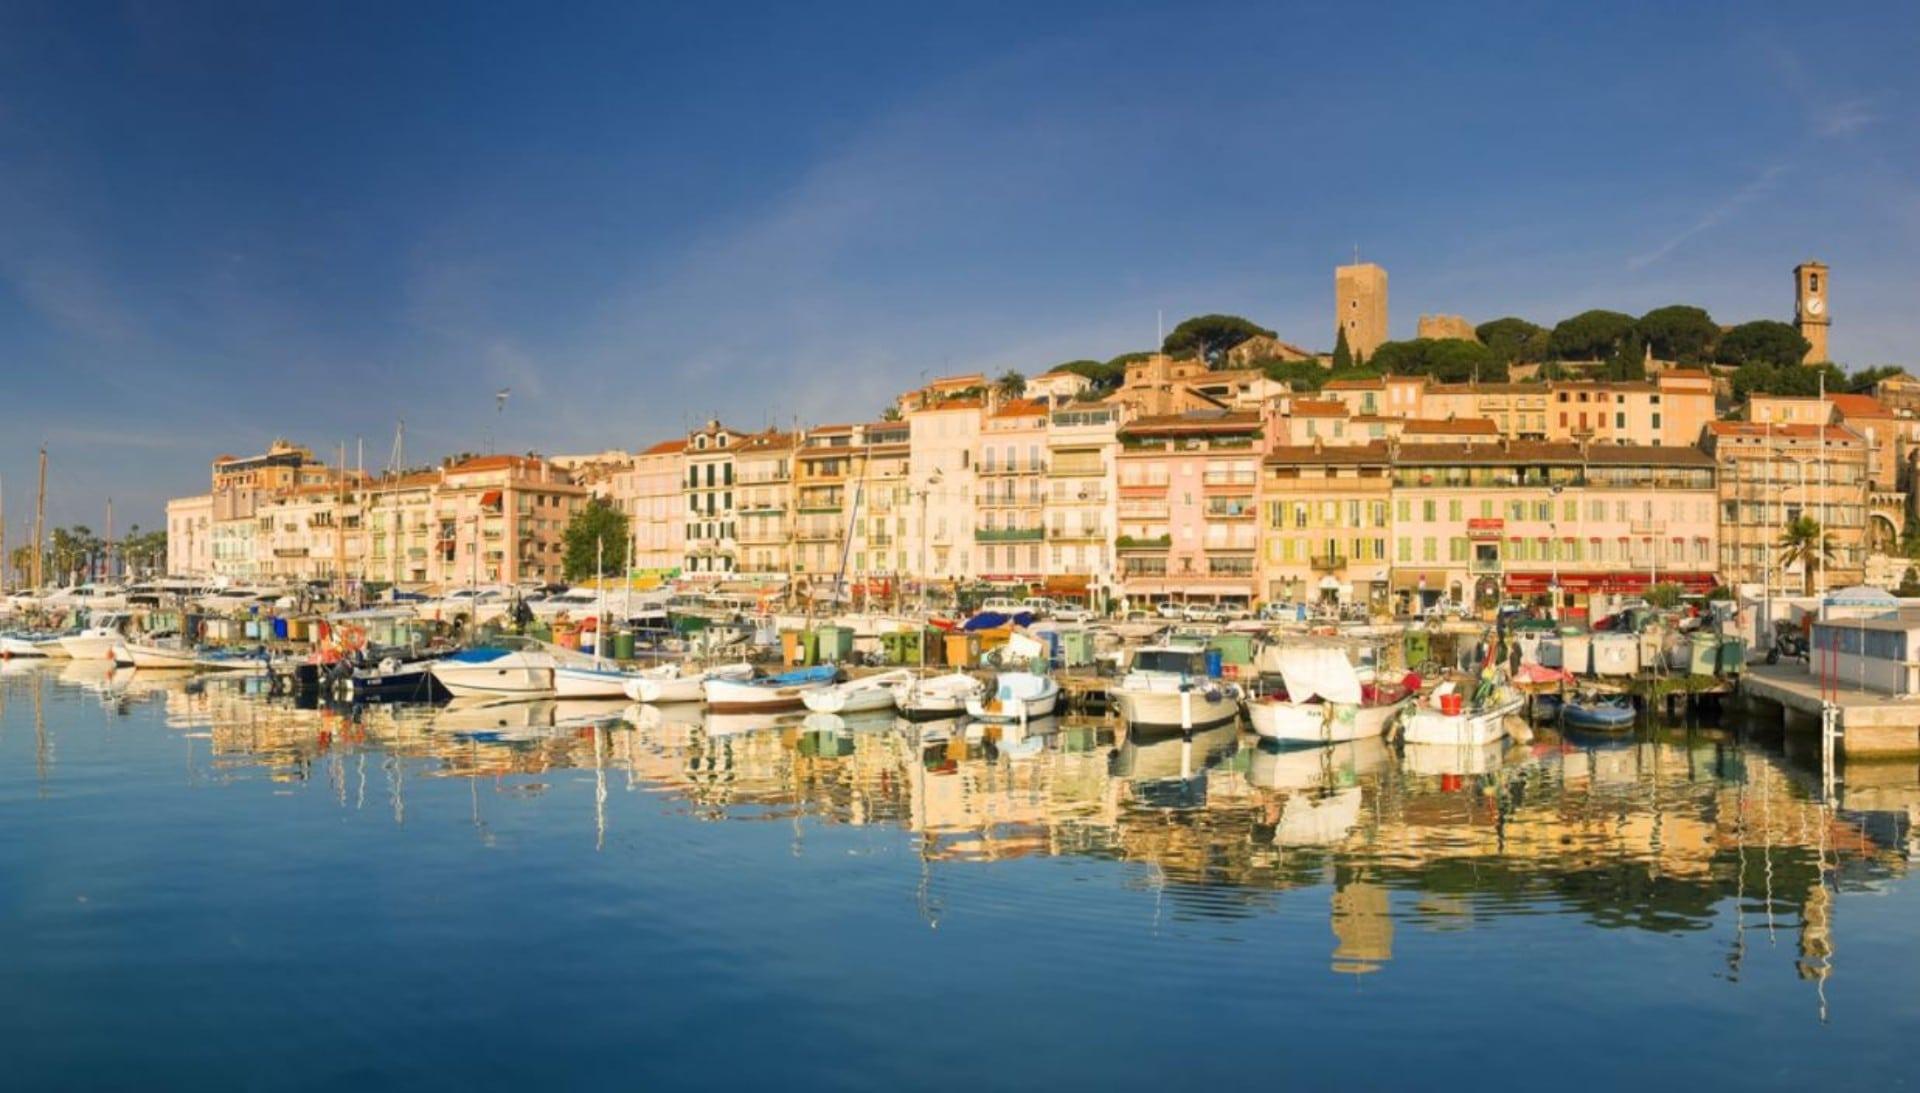 visiter Cannes France